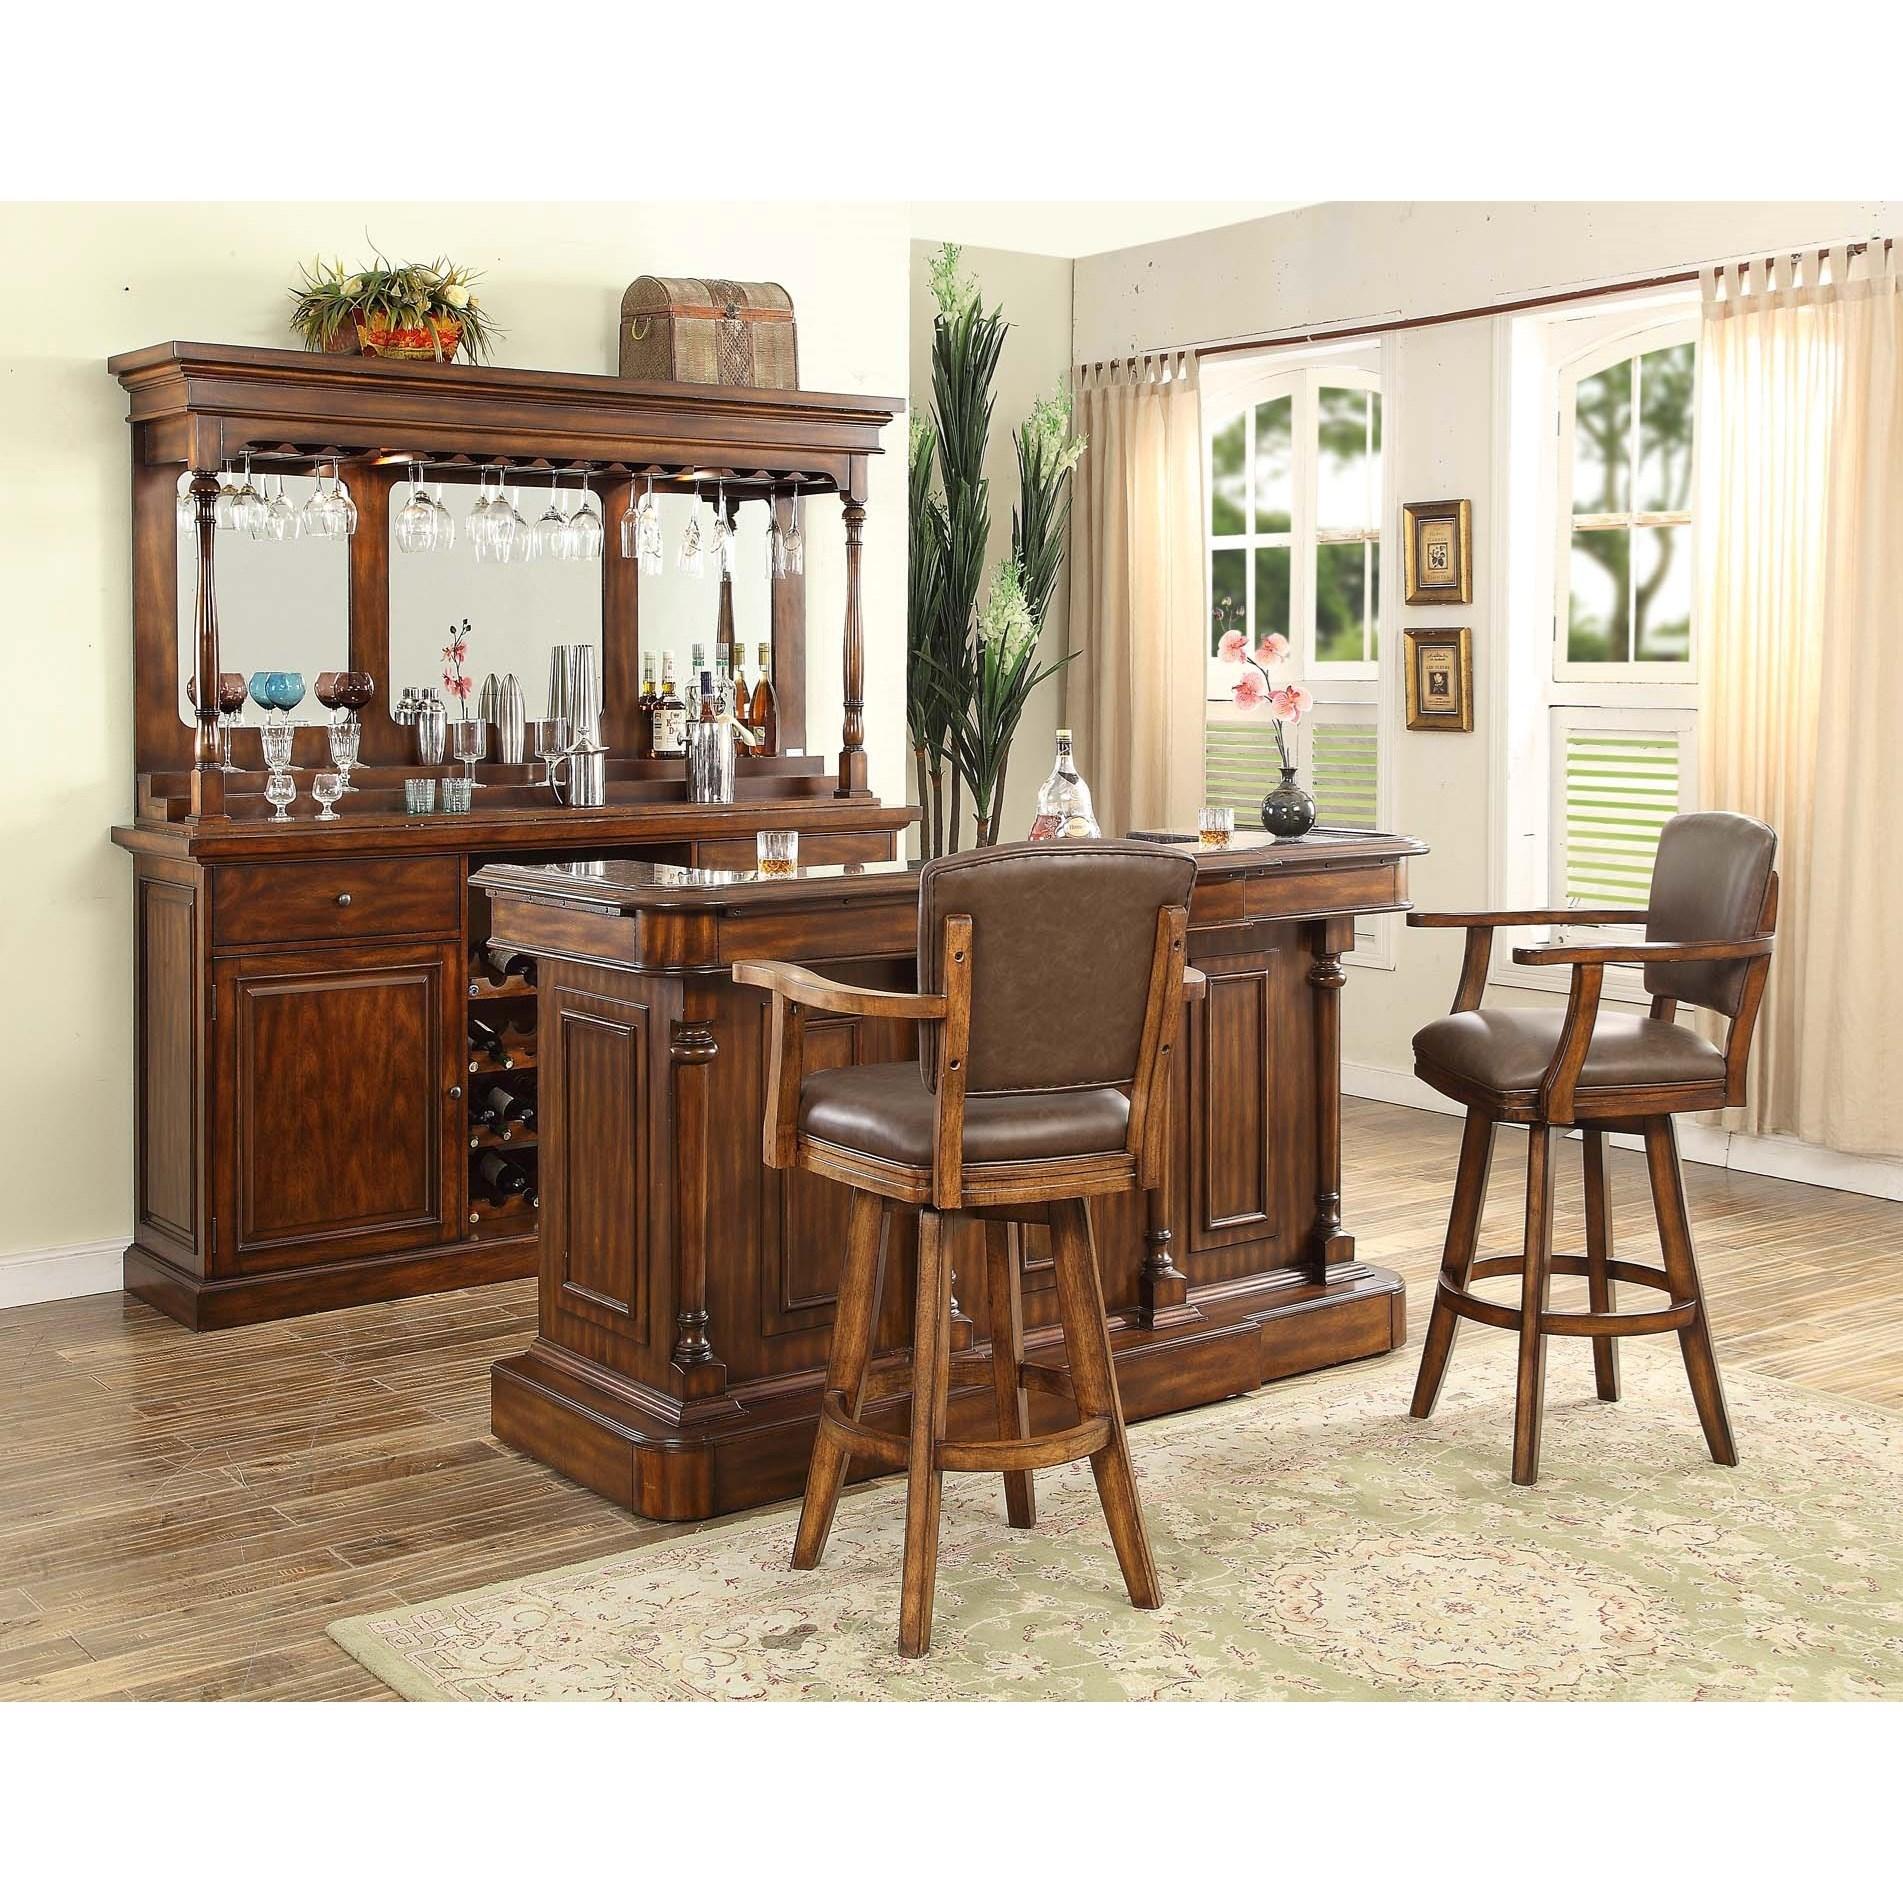 Attrayant Trafalgar   0403 Traditional Bar Unit With Hutch By E.C.I. Furniture